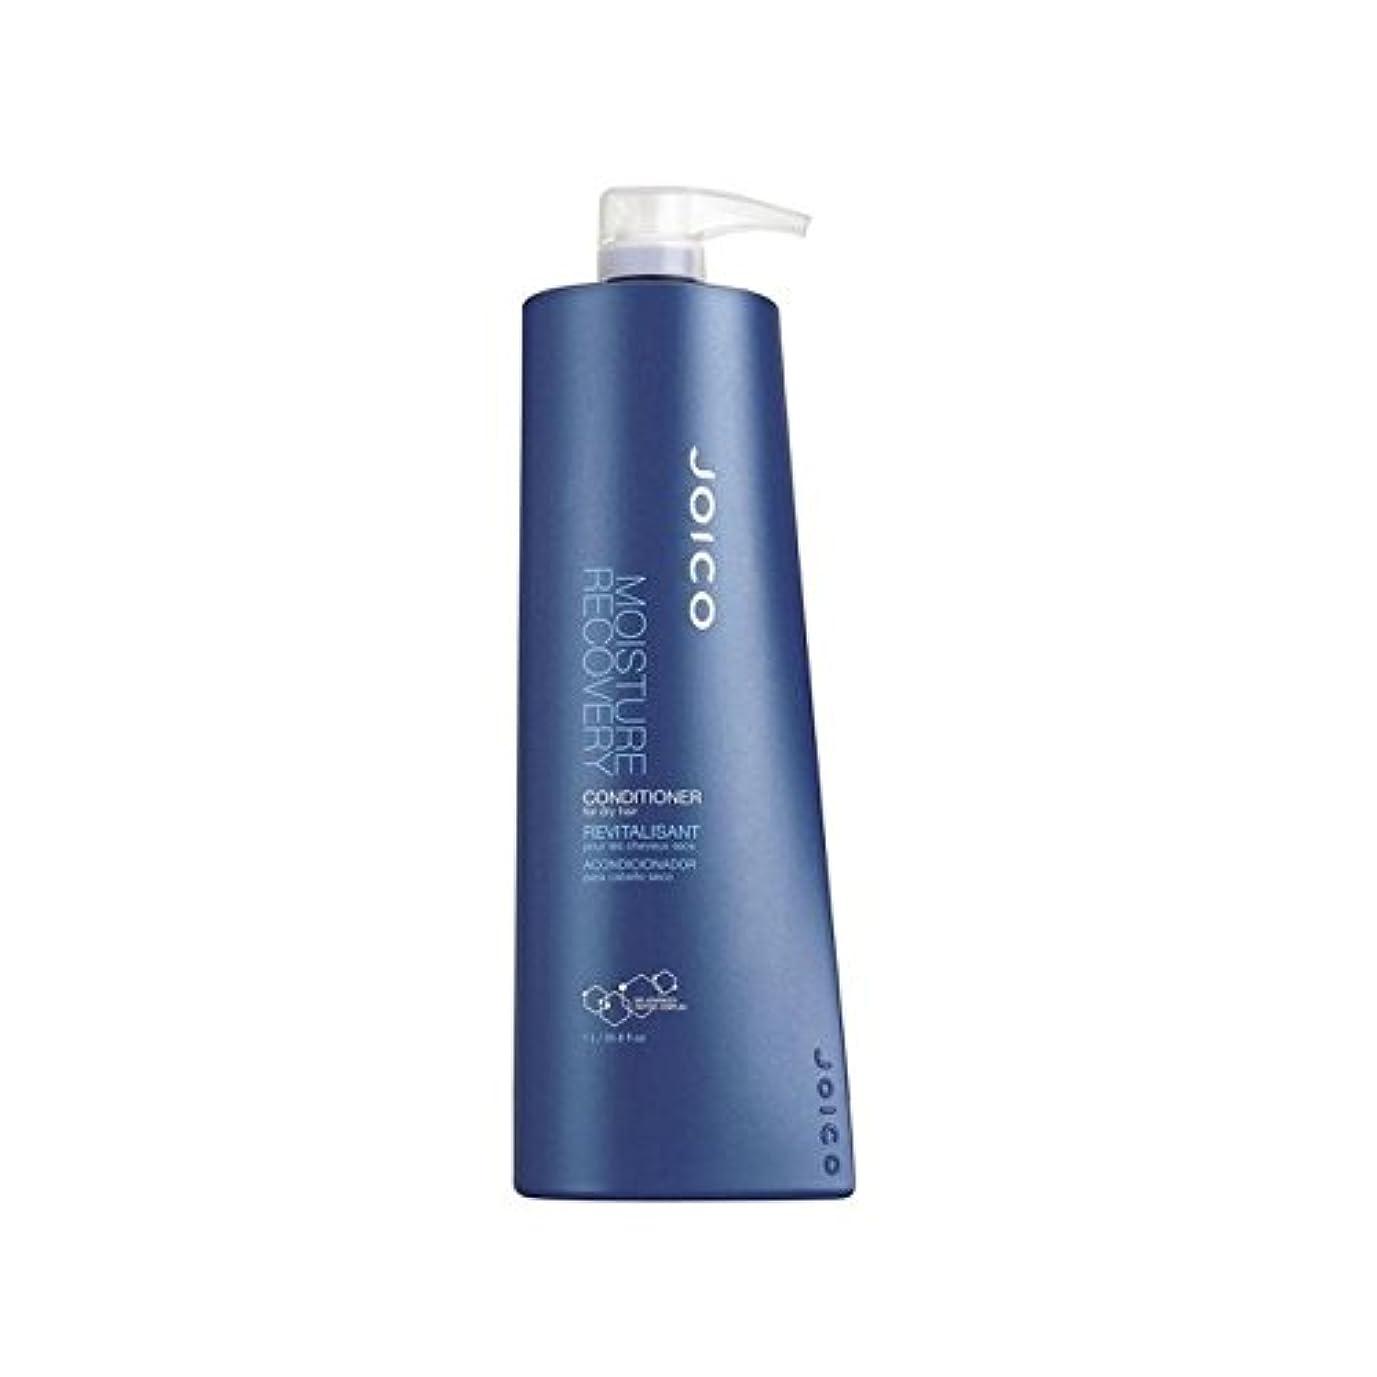 広告派生するメインJoico Moisture Recovery Conditioner For Dry Hair (1000ml) - 乾いた髪用ジョイコ水分回復コンディショナー(千ミリリットル) [並行輸入品]